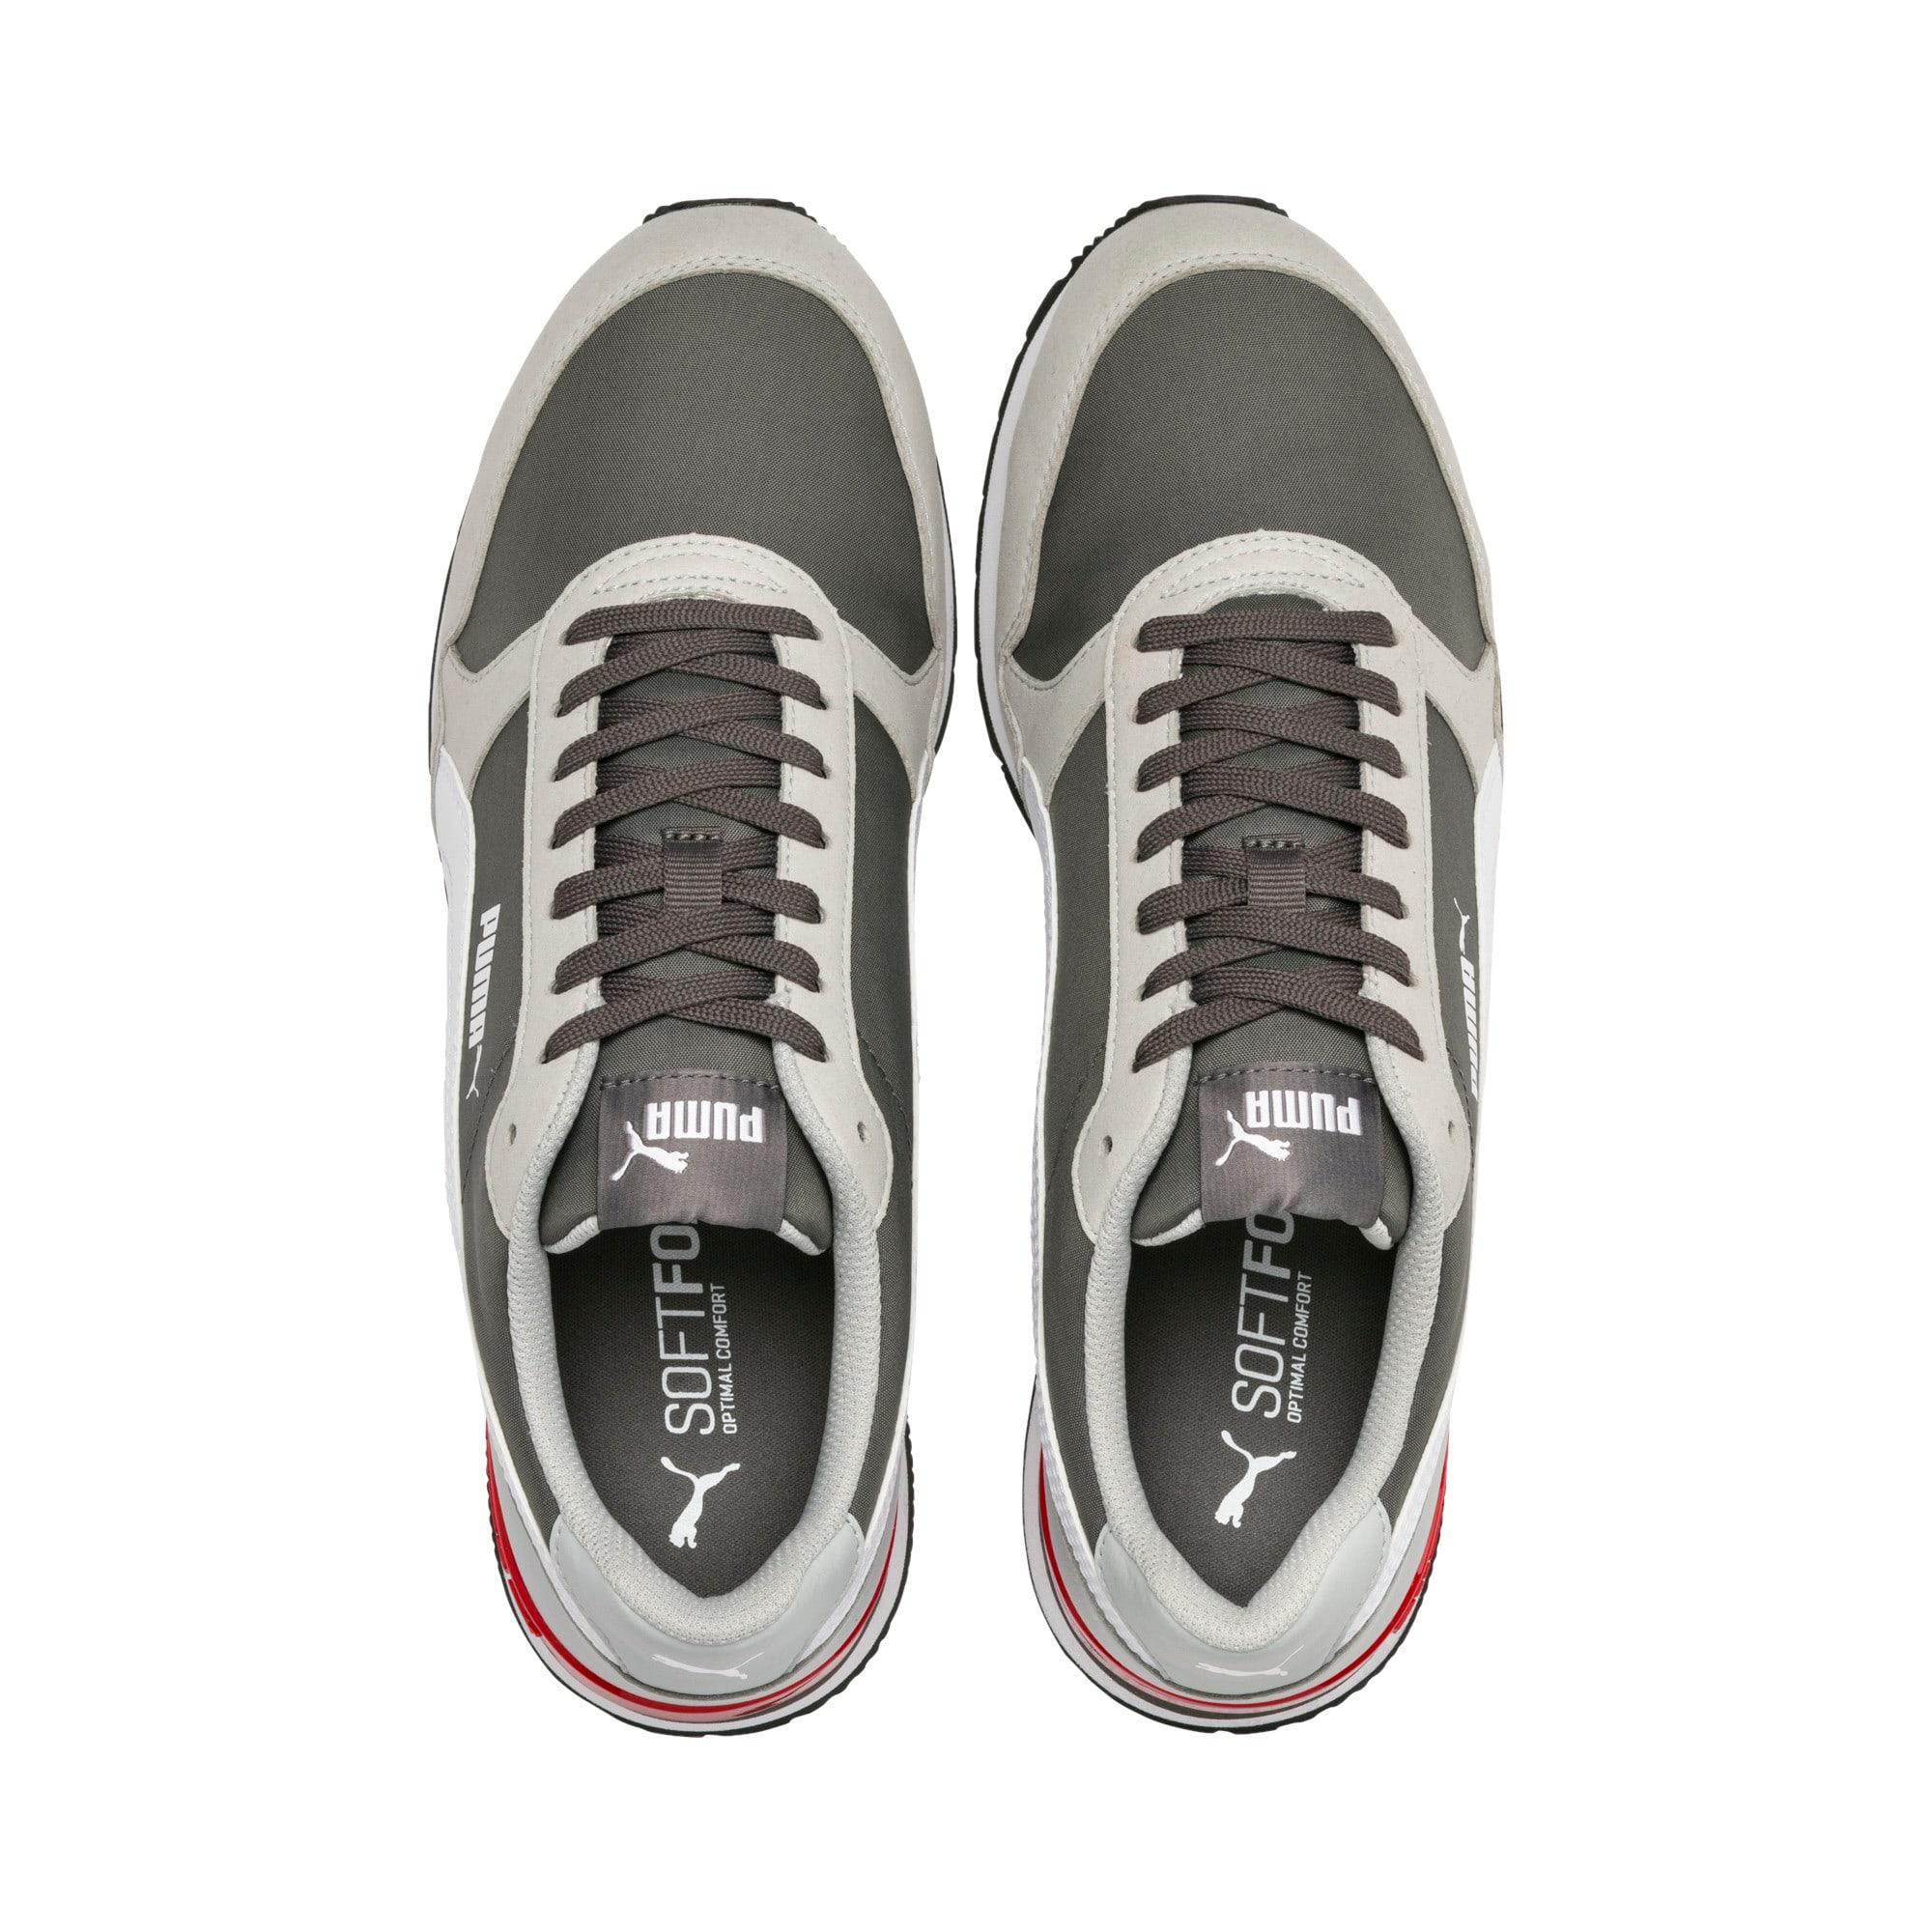 Thumbnail 7 of ST Runner v2 Sneakers, CASTLEROCK-High Rise, medium